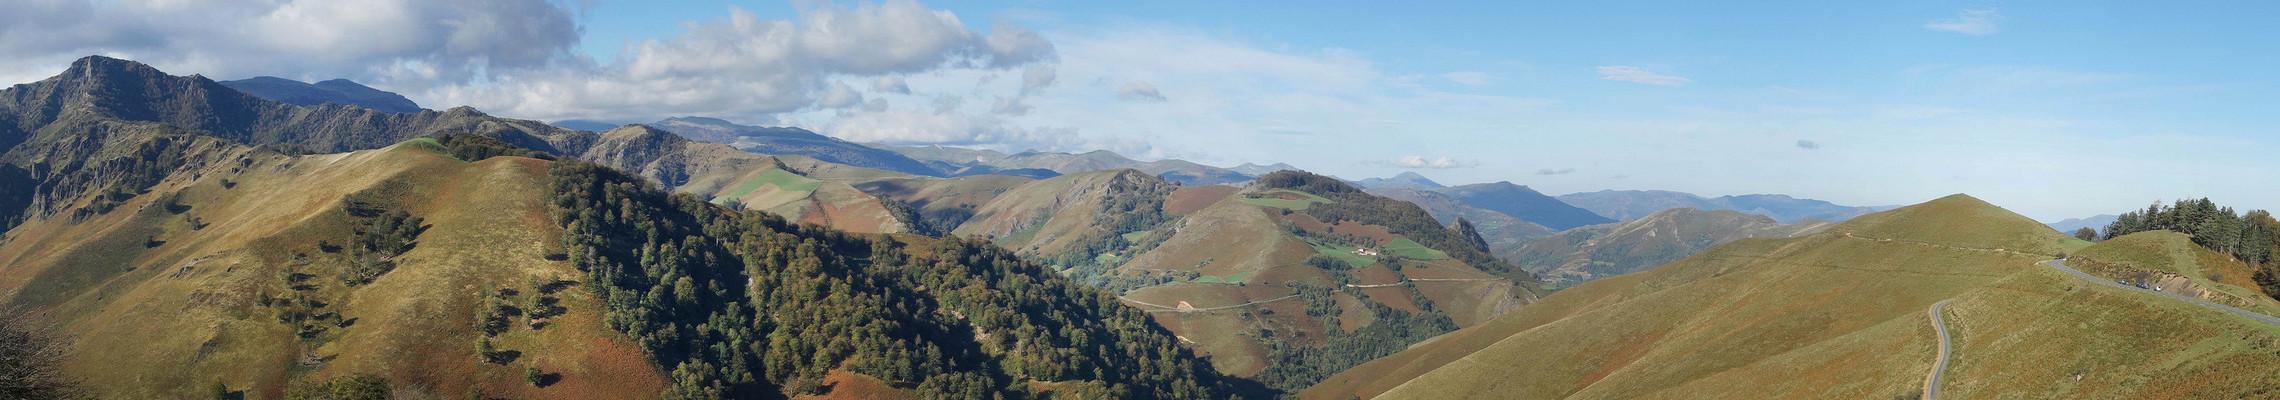 Les reliefs au Pays Basque